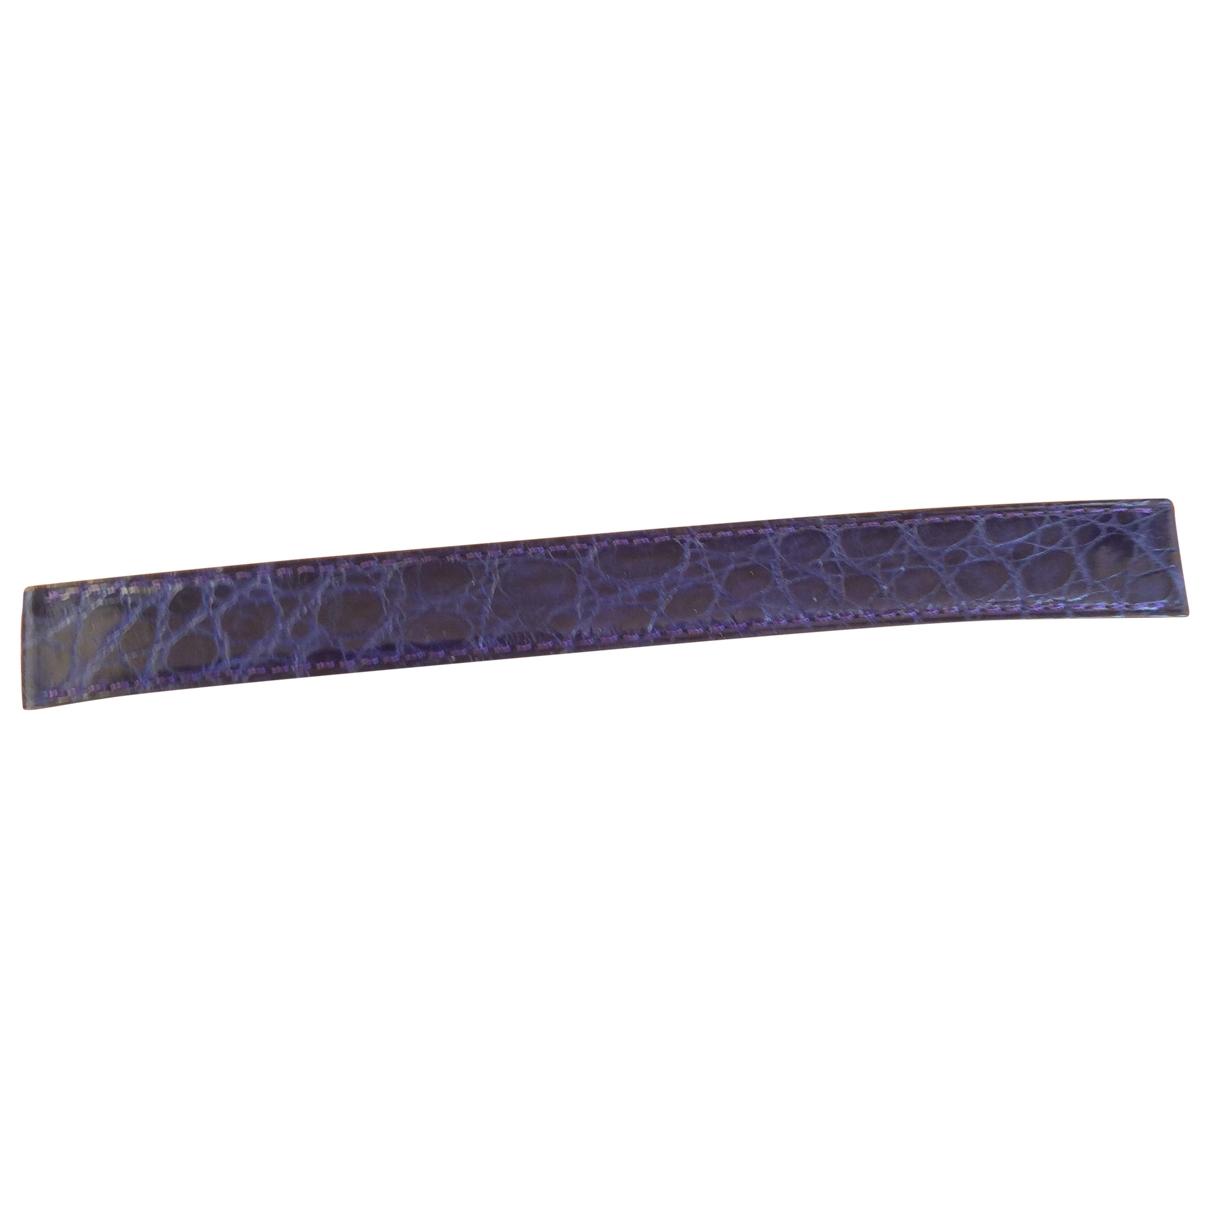 Poiray - Montre Bracelet Ma Premiere pour femme en cuir exotique - violet